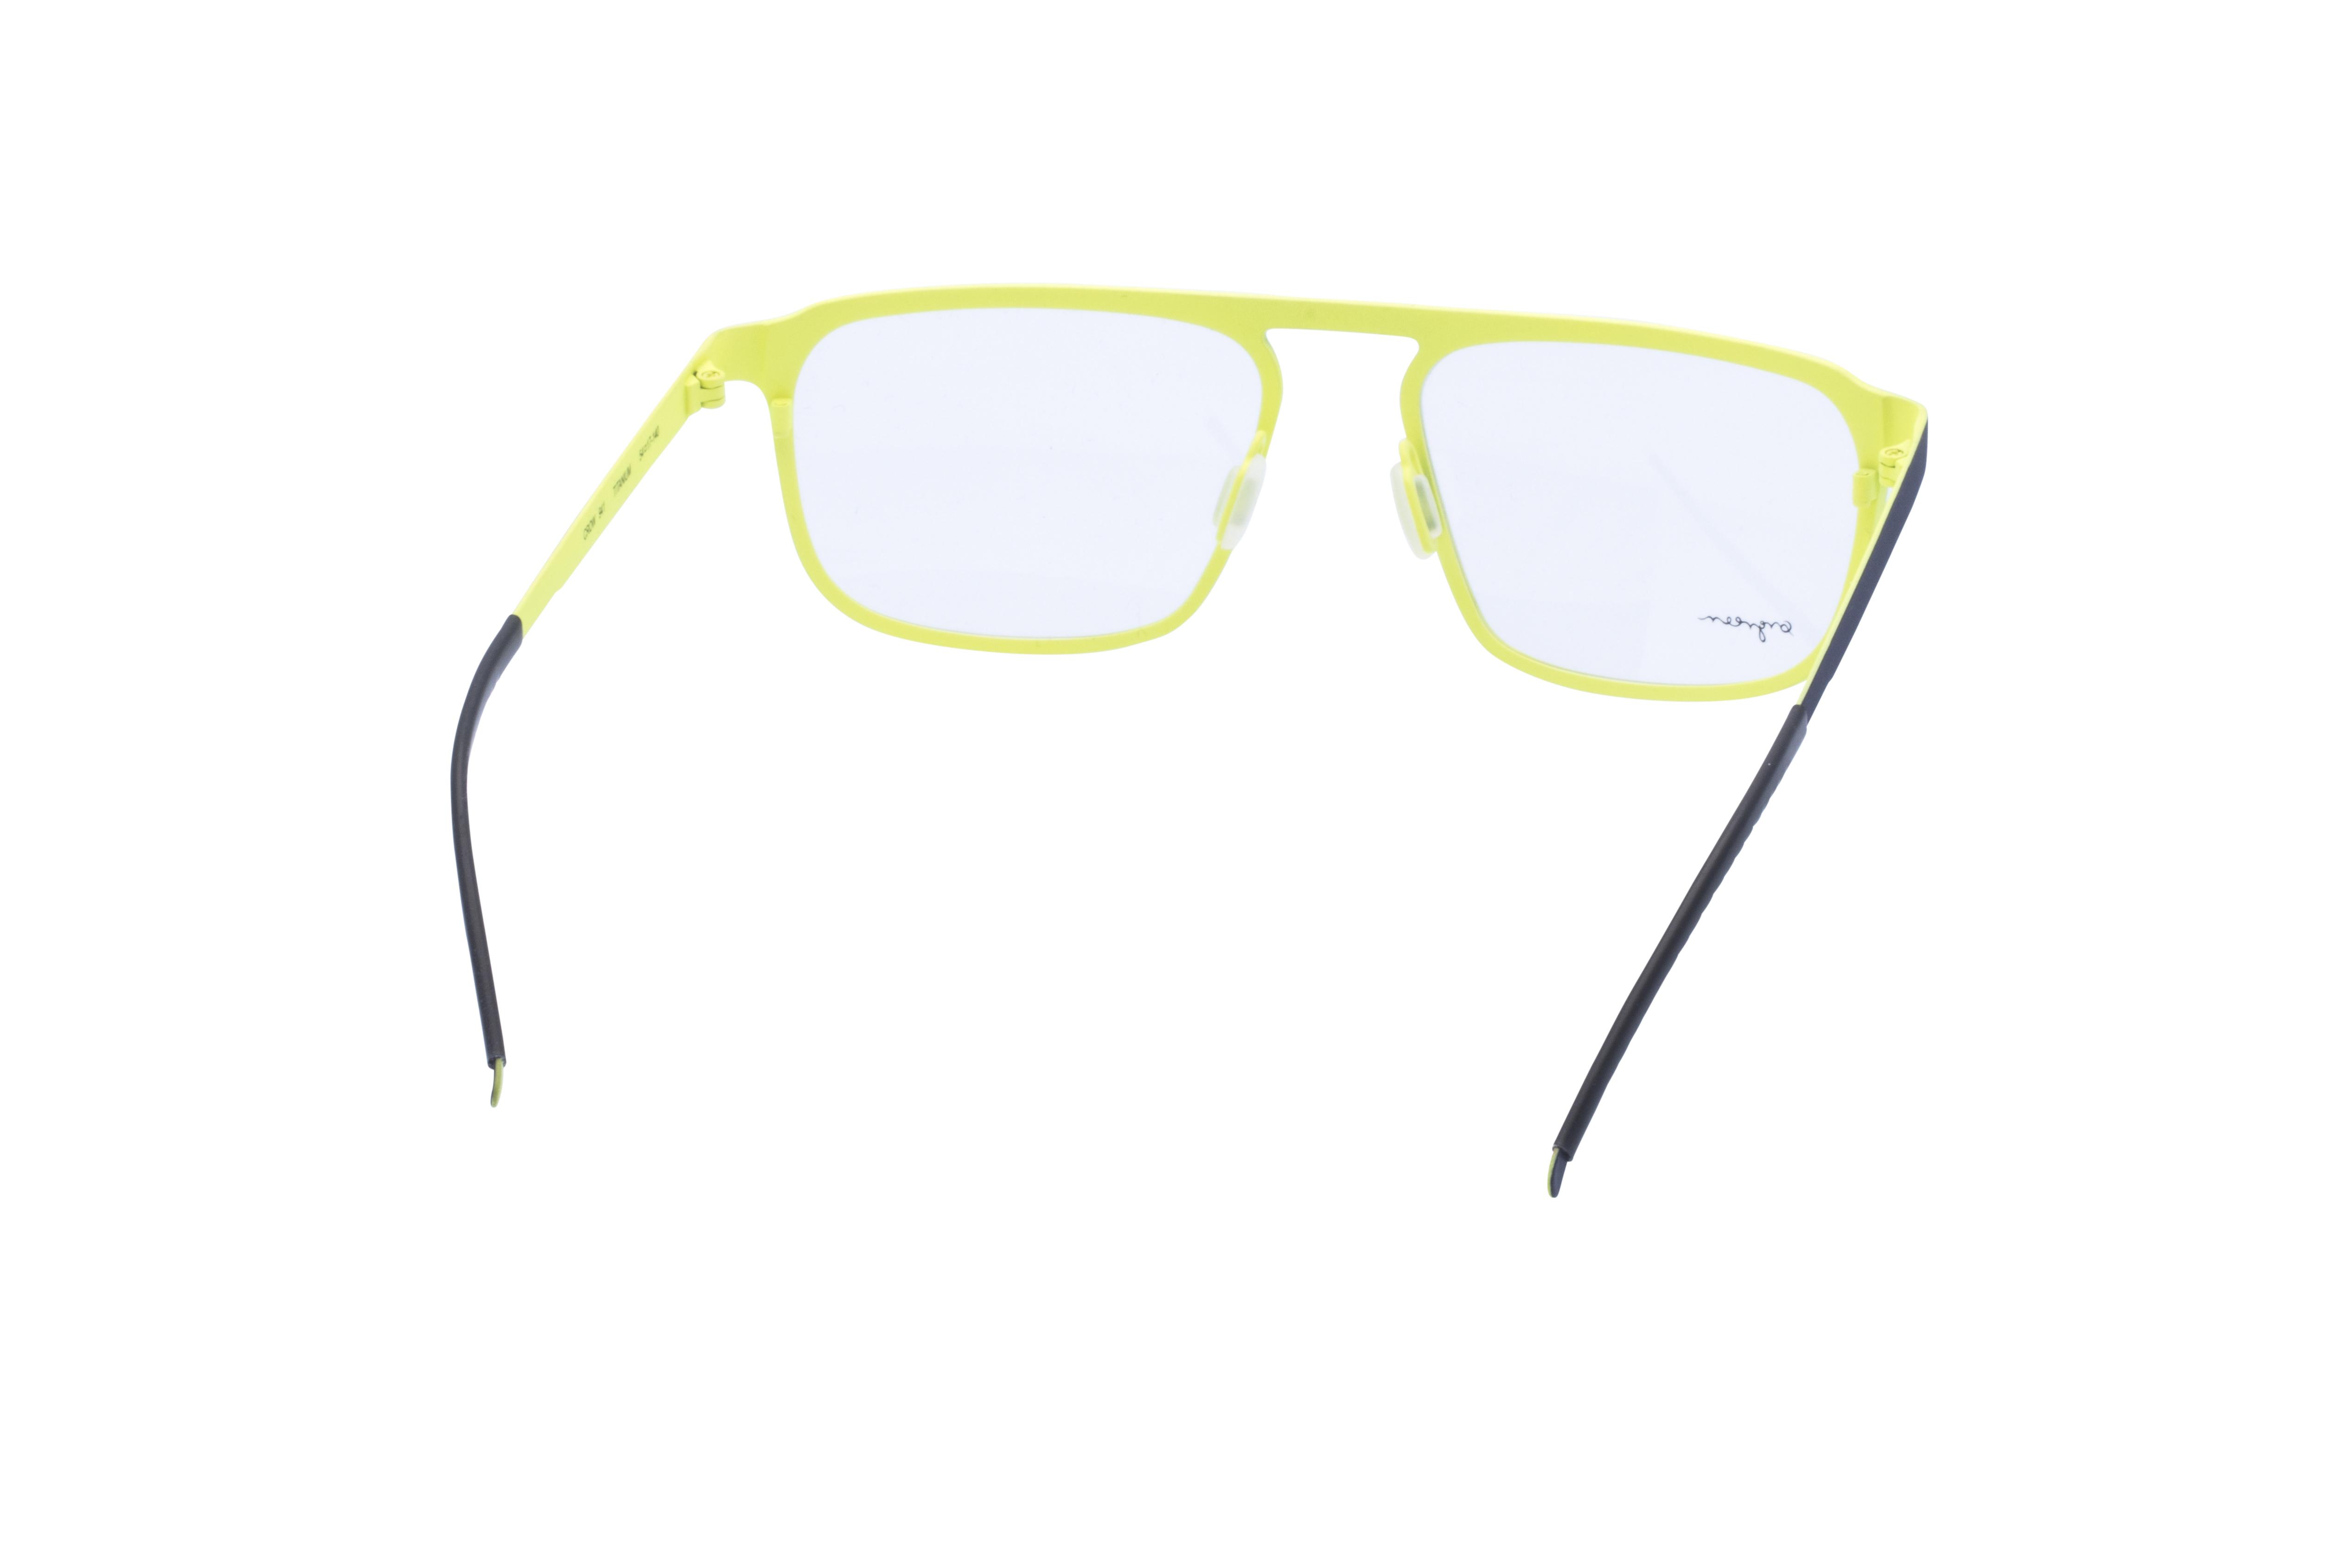 360 Grad Ansicht 11 Orgreen Crow, Brille auf Weiß - Fassung bei KUNK